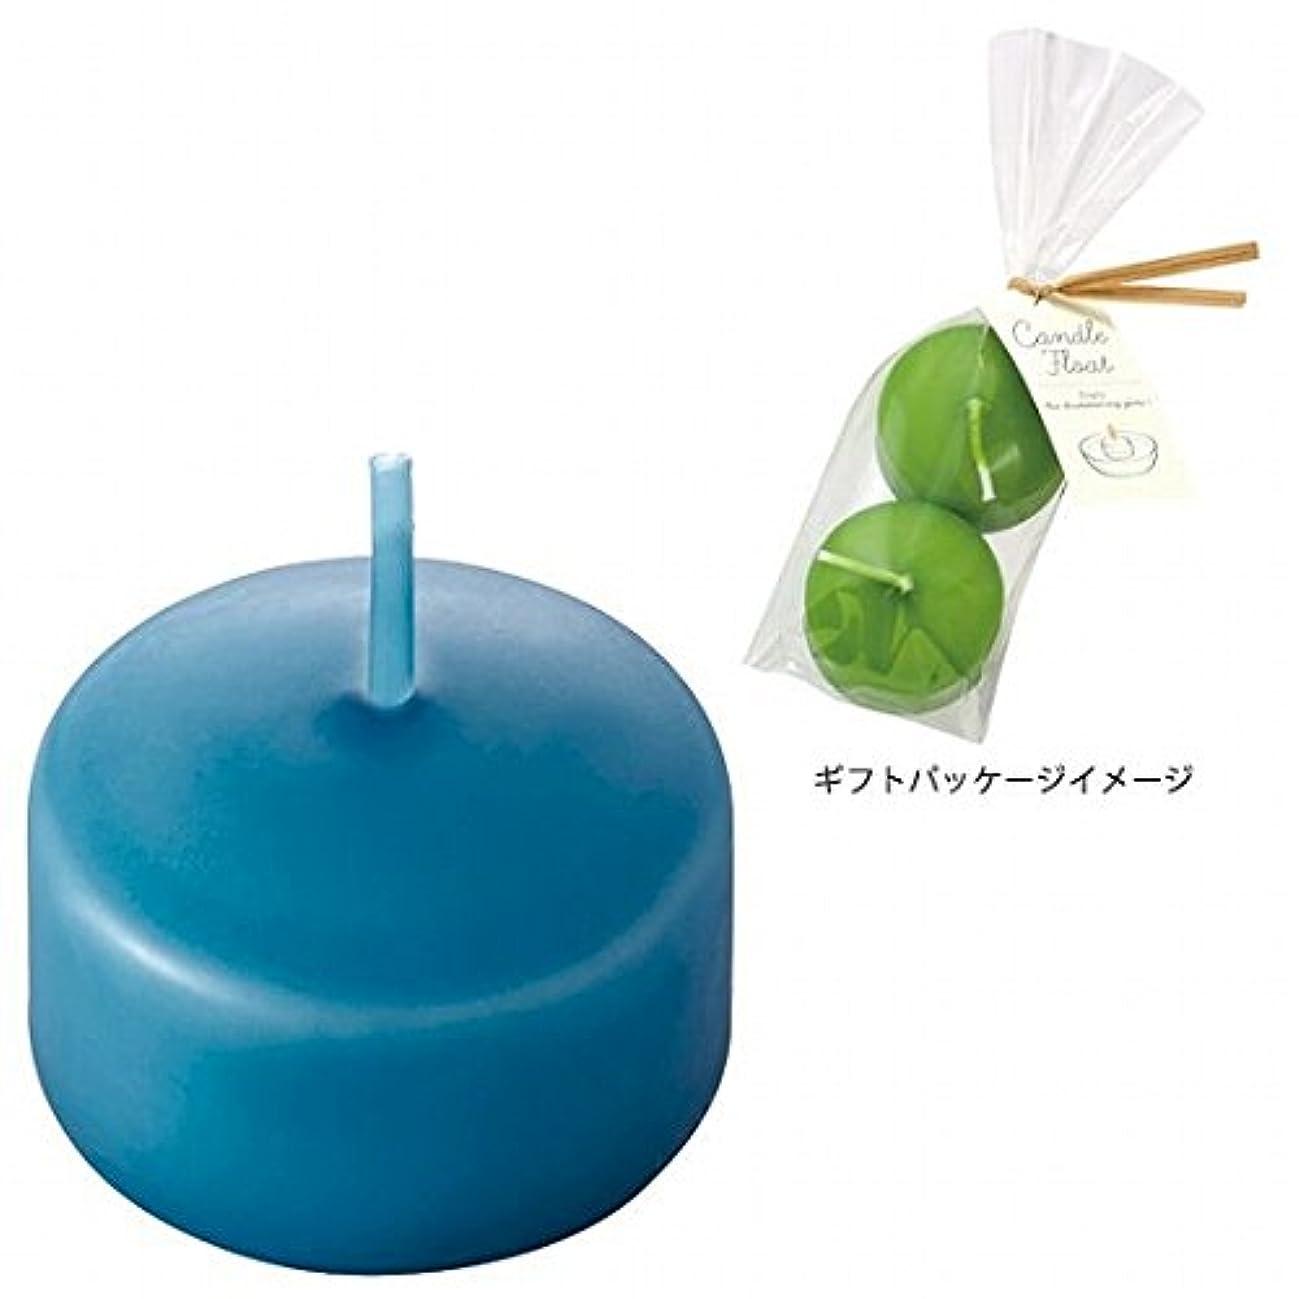 解くスケジュールメンタリティカメヤマキャンドル(kameyama candle) ハッピープール(2個入り) キャンドル 「コバルトブルー」